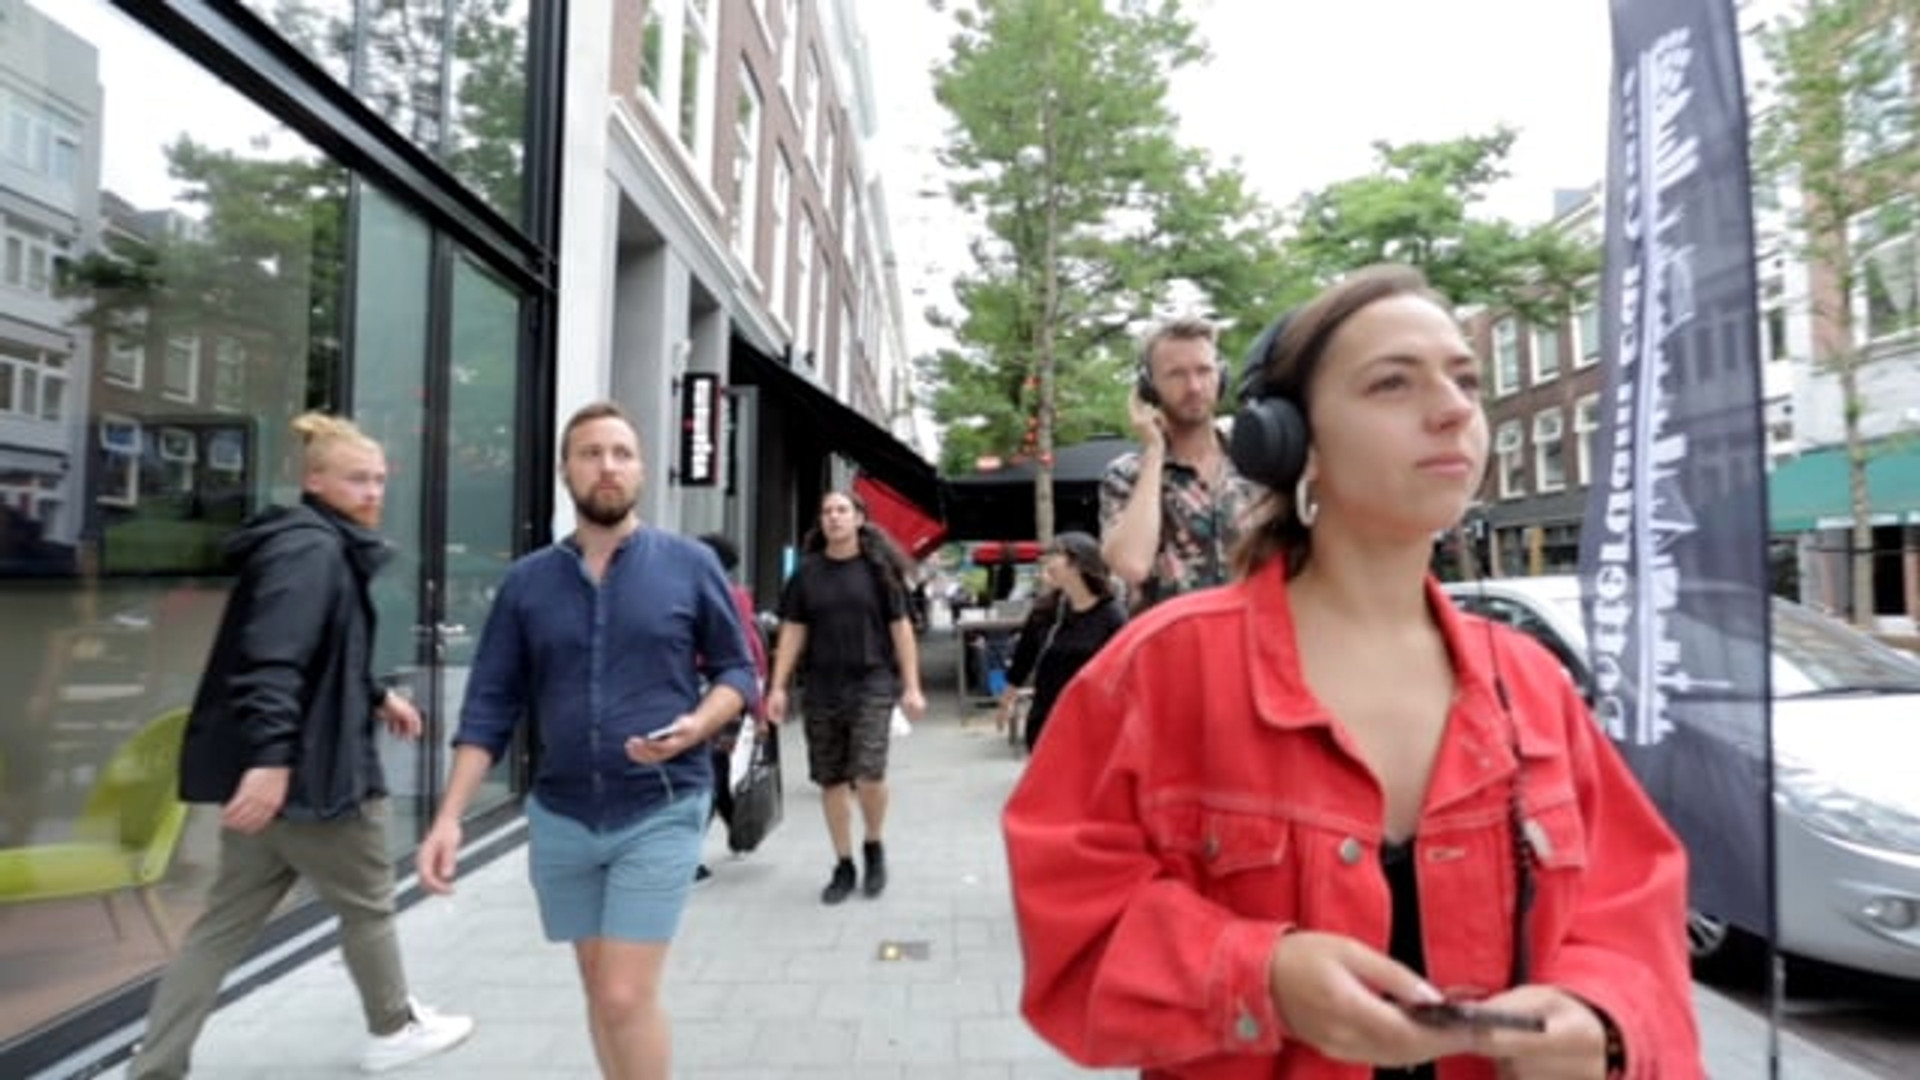 Video by Rob van Pelt